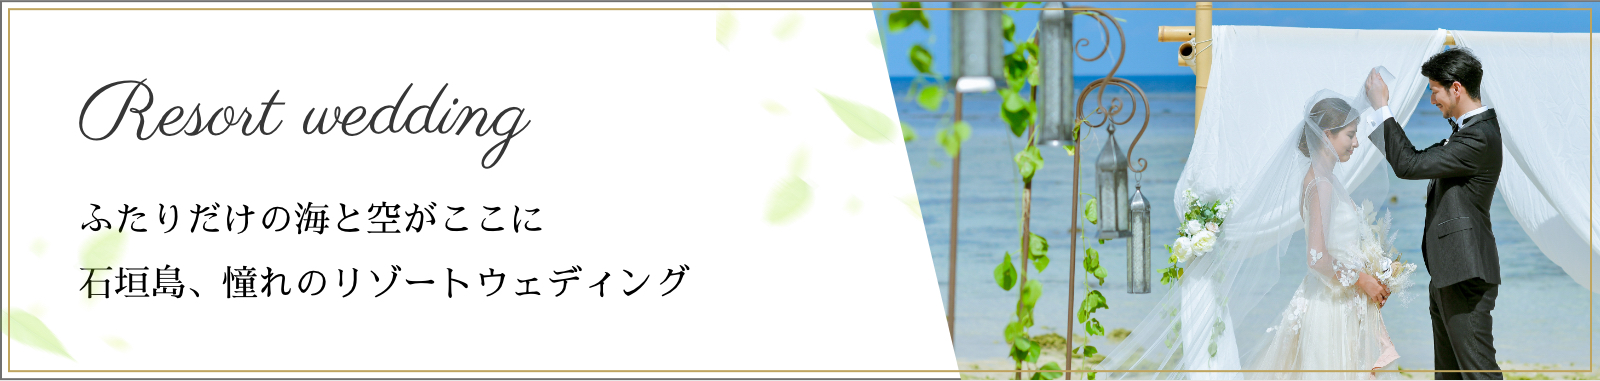 Resort photo wedding ふたりだけの海と空がここに石垣島、憧れのリゾートフォトウェディング